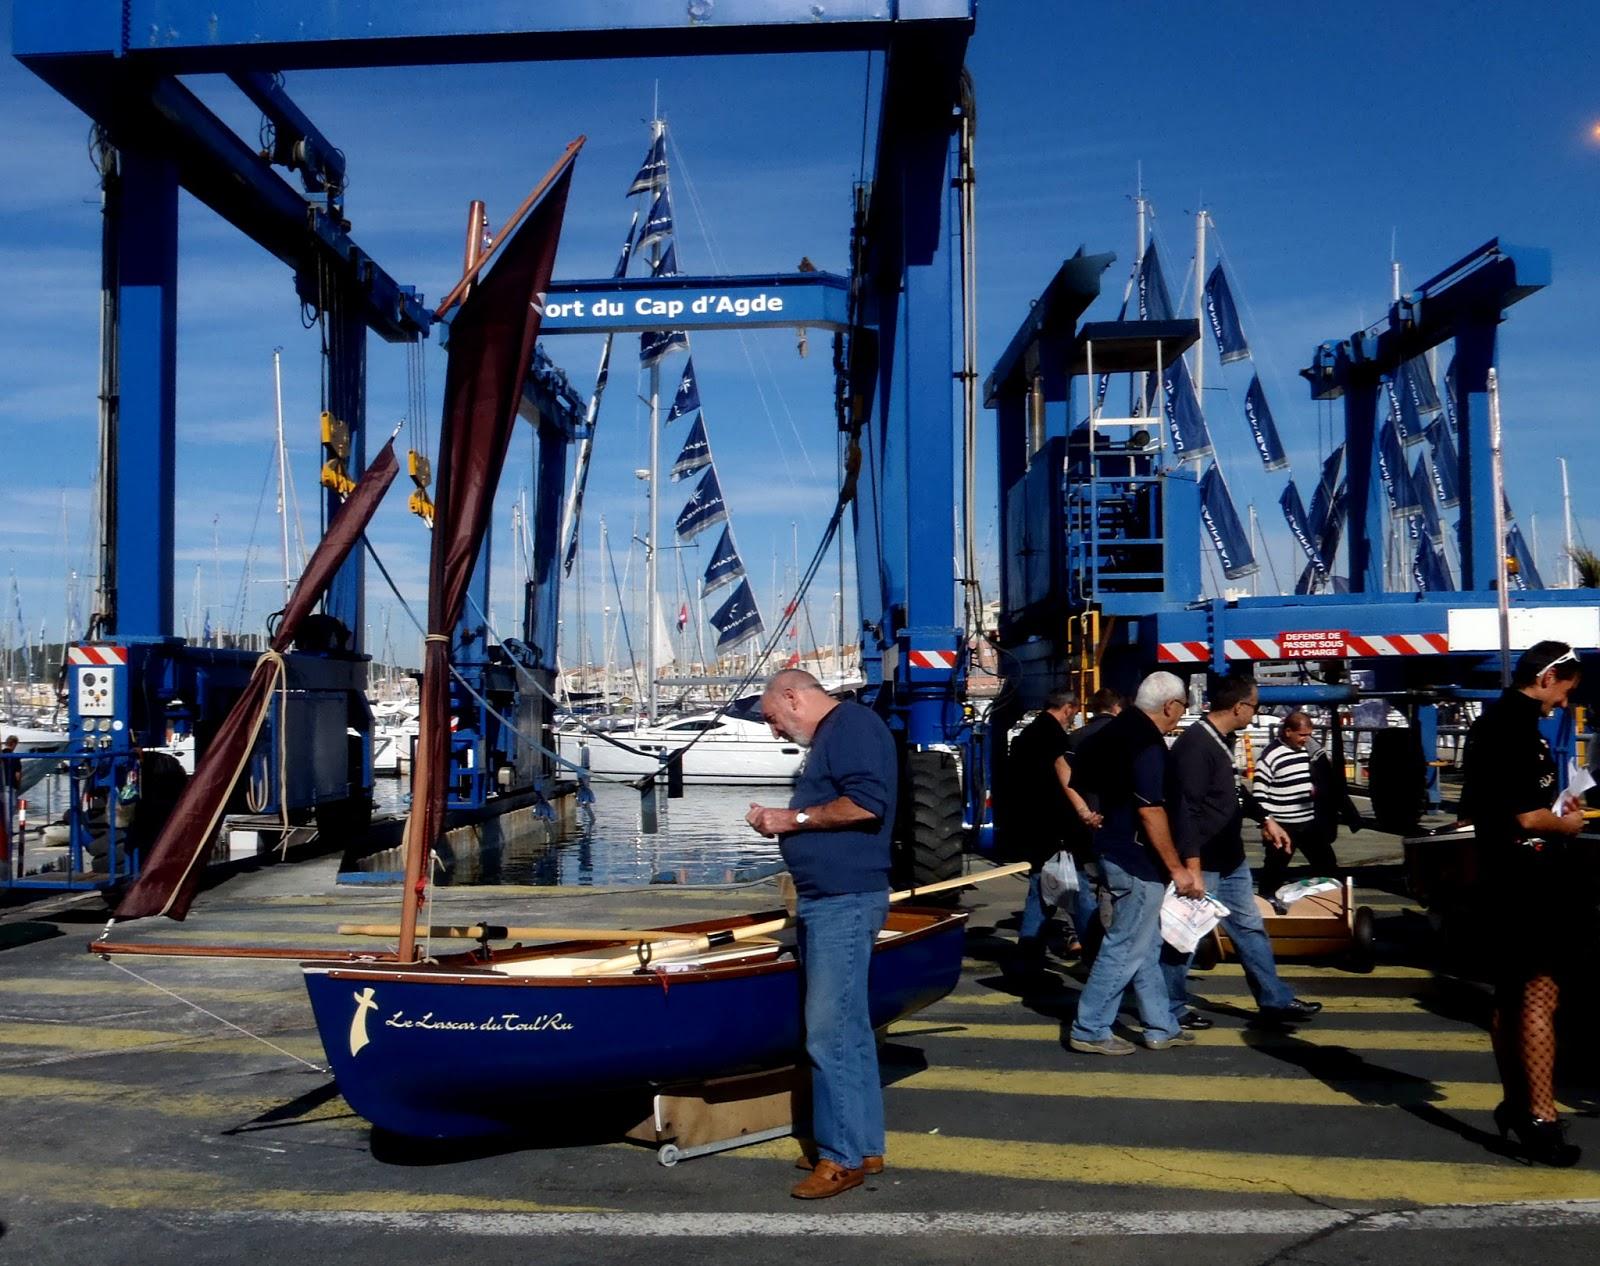 S te canal maritime montpellier croix d 39 argent salon for Salon nautique agde